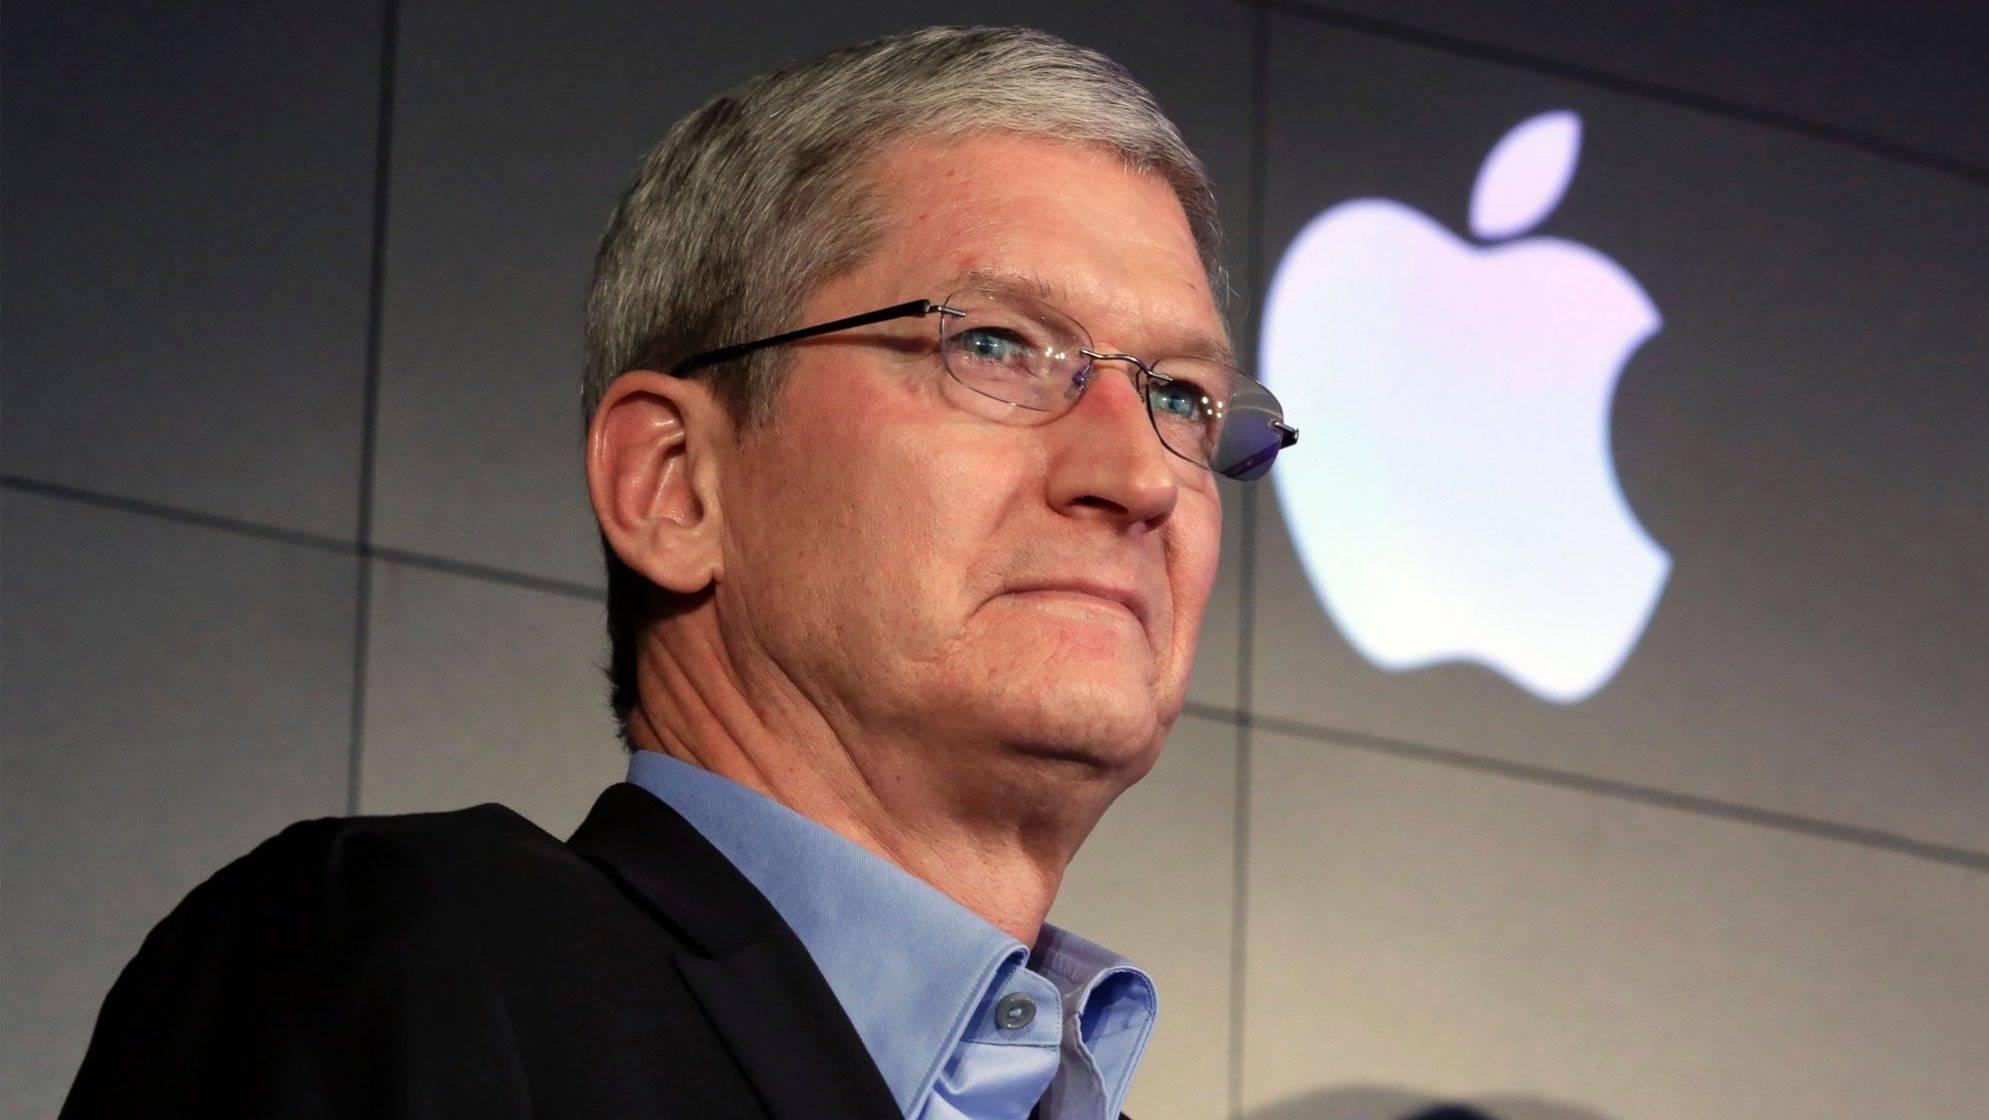 【虎嗅早报】任正非:现在就能完全独立不依赖美国;苹果宣布以10亿美元收购英特尔的调制解调器部门